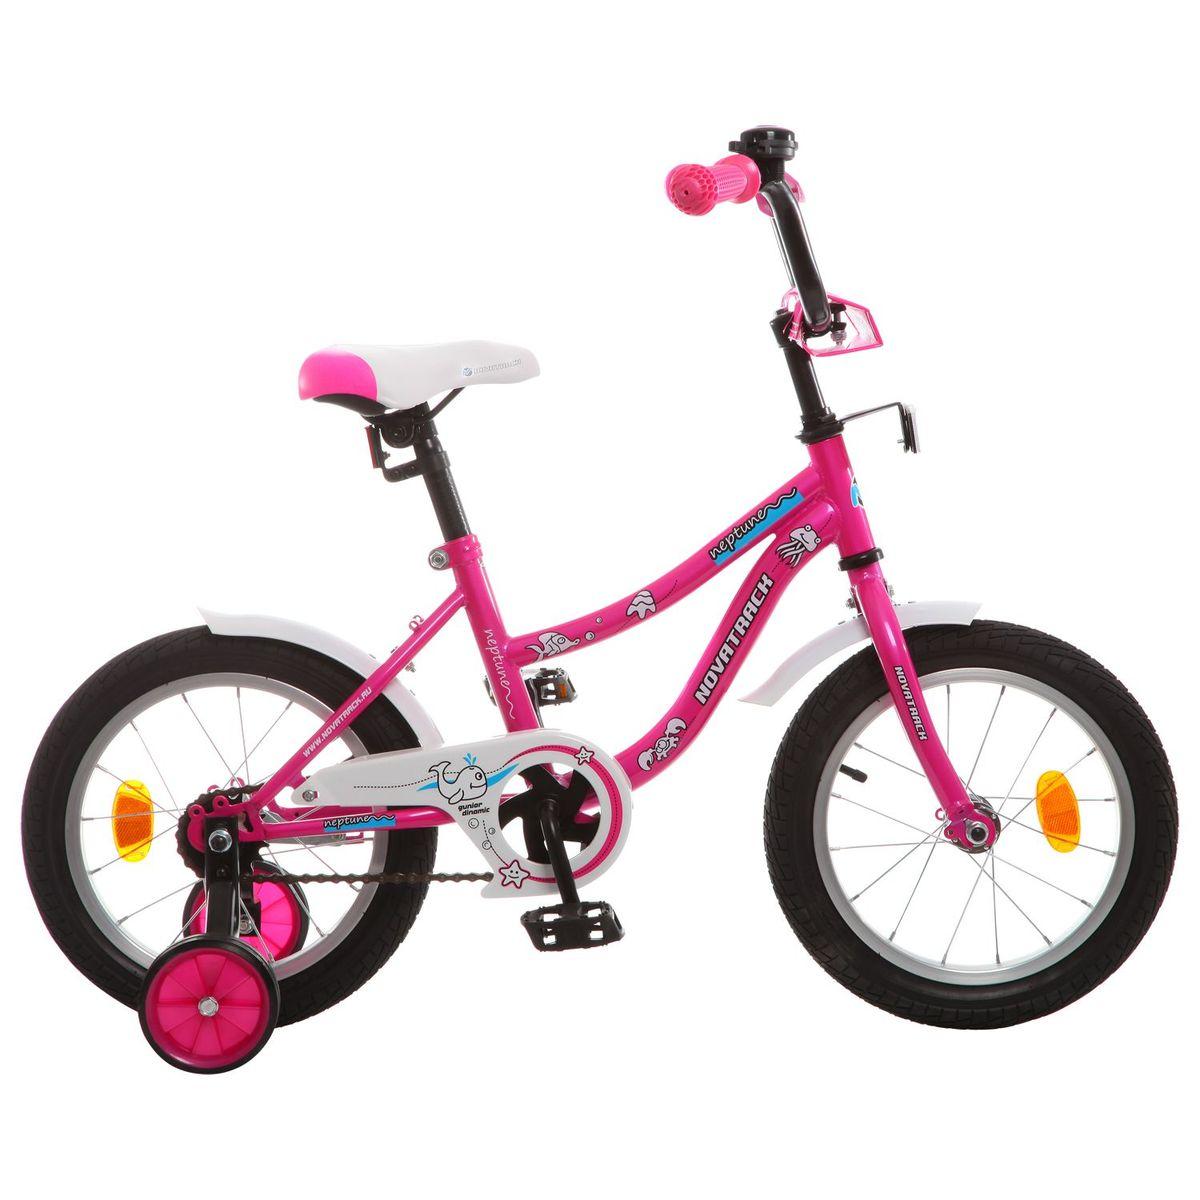 Велосипед детский Novatrack Neptune 14, цвет: розовый143NEPTUN.PN5Если вам нужен качественный, надежный и оптимальный по цене велосипед для ребенка, то это, конечно - Novatrack Neptun 14'', который рассчитан на детей 3-5 лет. Достаточно только взглянуть на эту модель, чтобы понять, насколько удобно и безопасно будет чувствовать себя ваш сын или дочка. Да-да, этот велосипед прекрасно подойдет и мальчику, и девочке. Это детское двухколесное транспортное средство прекрасно управляется даже самыми неопытными велосипедистами. В частности, модель снабжена ограничителем поворота руля, что не позволит ребенку слишком сильно вывернуть переднее колесо велосипеда и упасть. Установлены дополнительные опции: защита цепи, стильные укороченные крылья, мягкие накладки, которые служат еще и элементом дизайна, громкий звонок и катафоты.